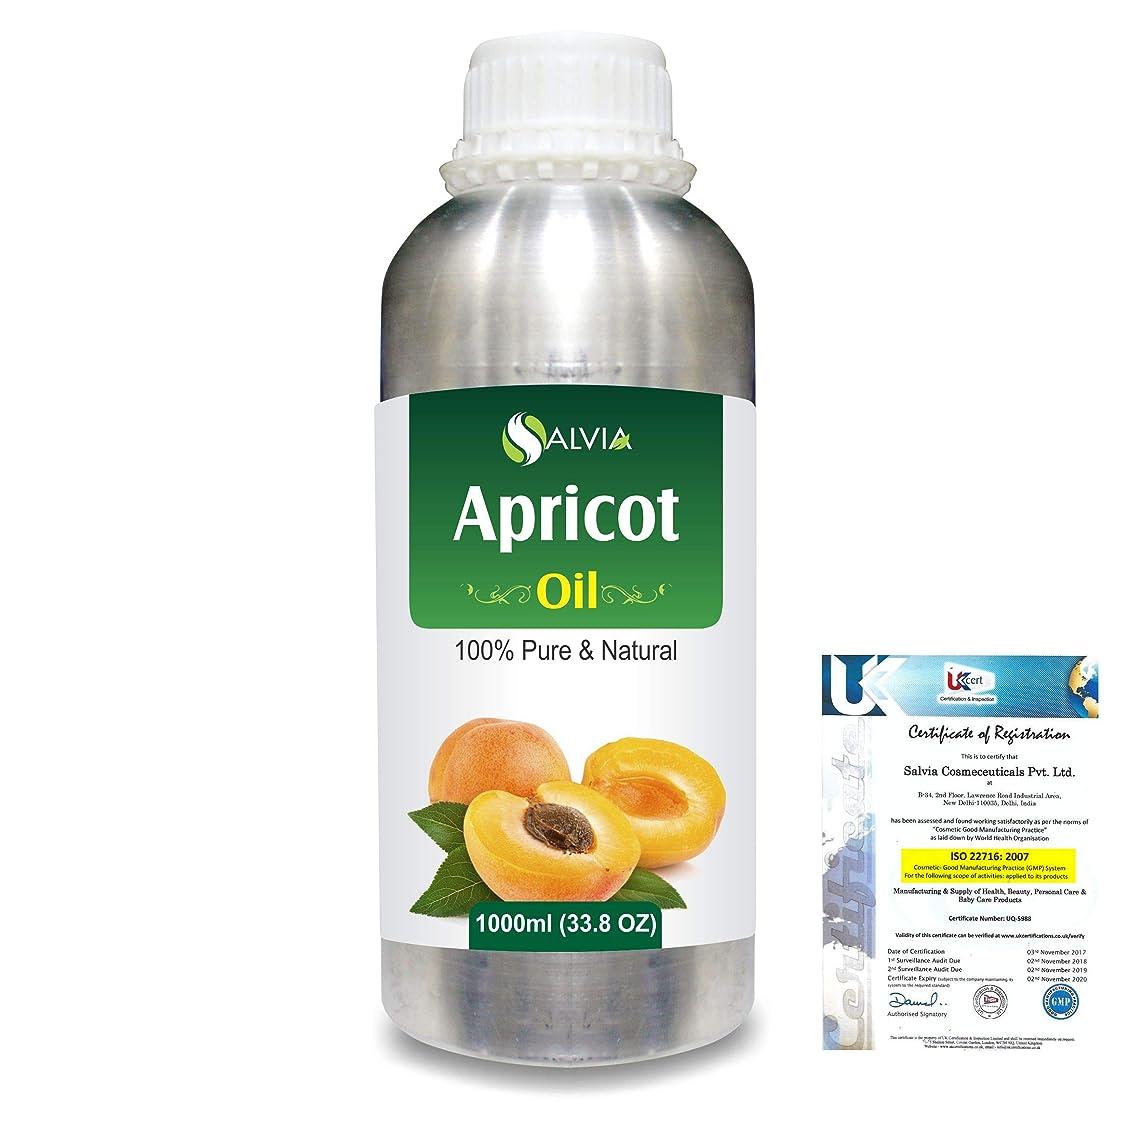 デンマーク叫ぶ三角形Apricot (Prunus armeniaca) Natural Pure Undiluted Uncut Carrier Oil 1000ml/33.8 fl.oz.